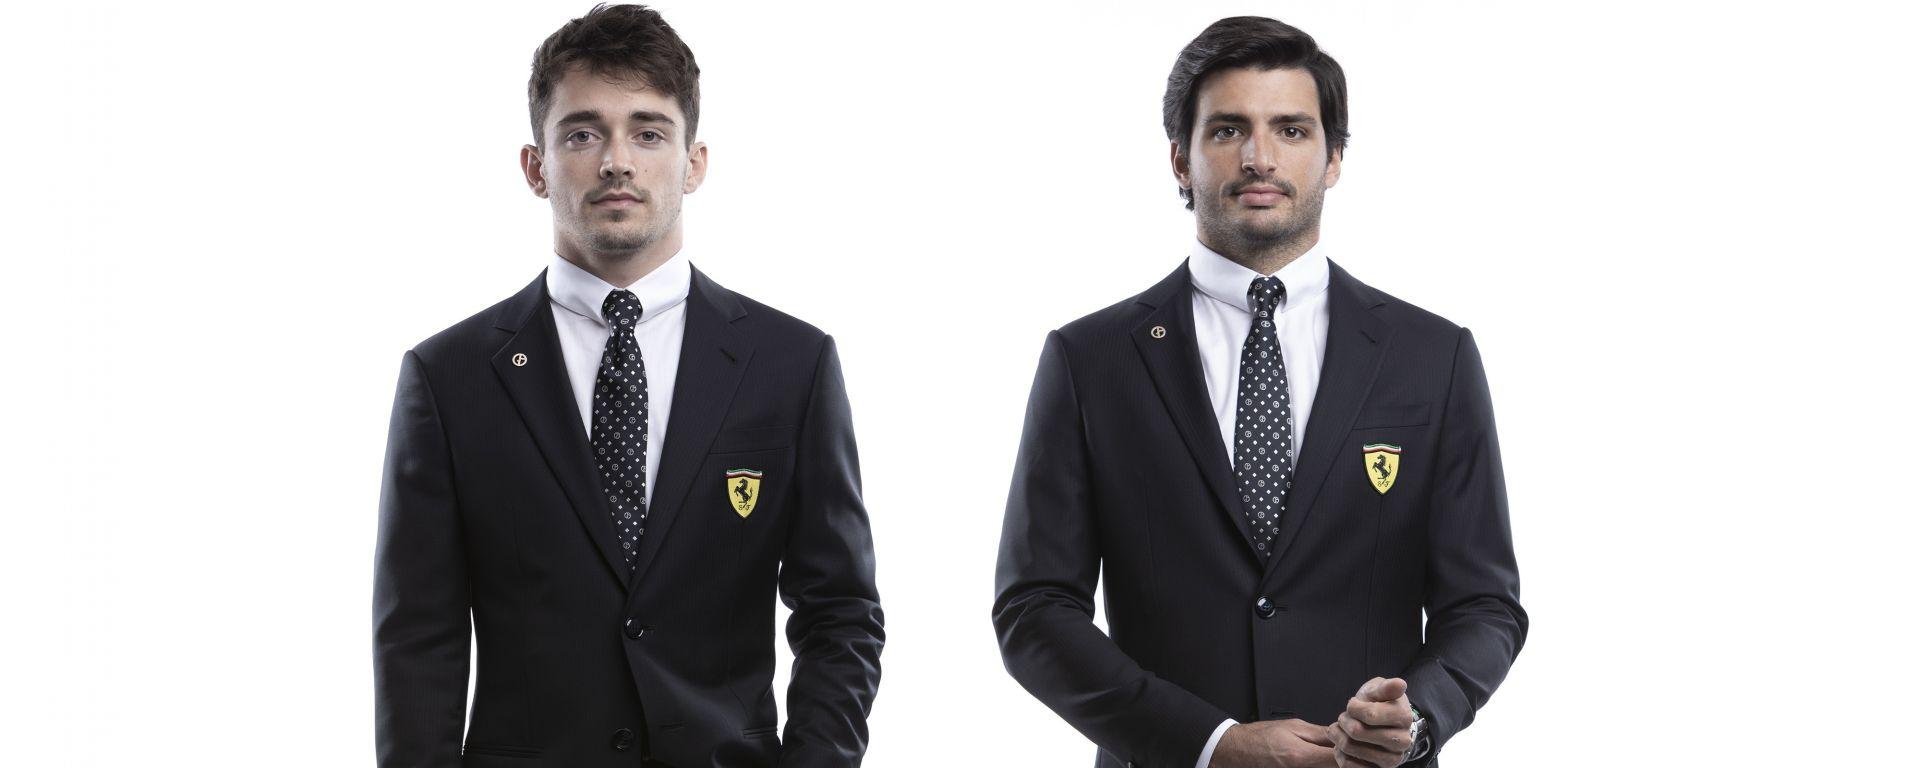 F1 2021: Charles Leclerc e Carlos Sainz (Ferrari) in completo Armani